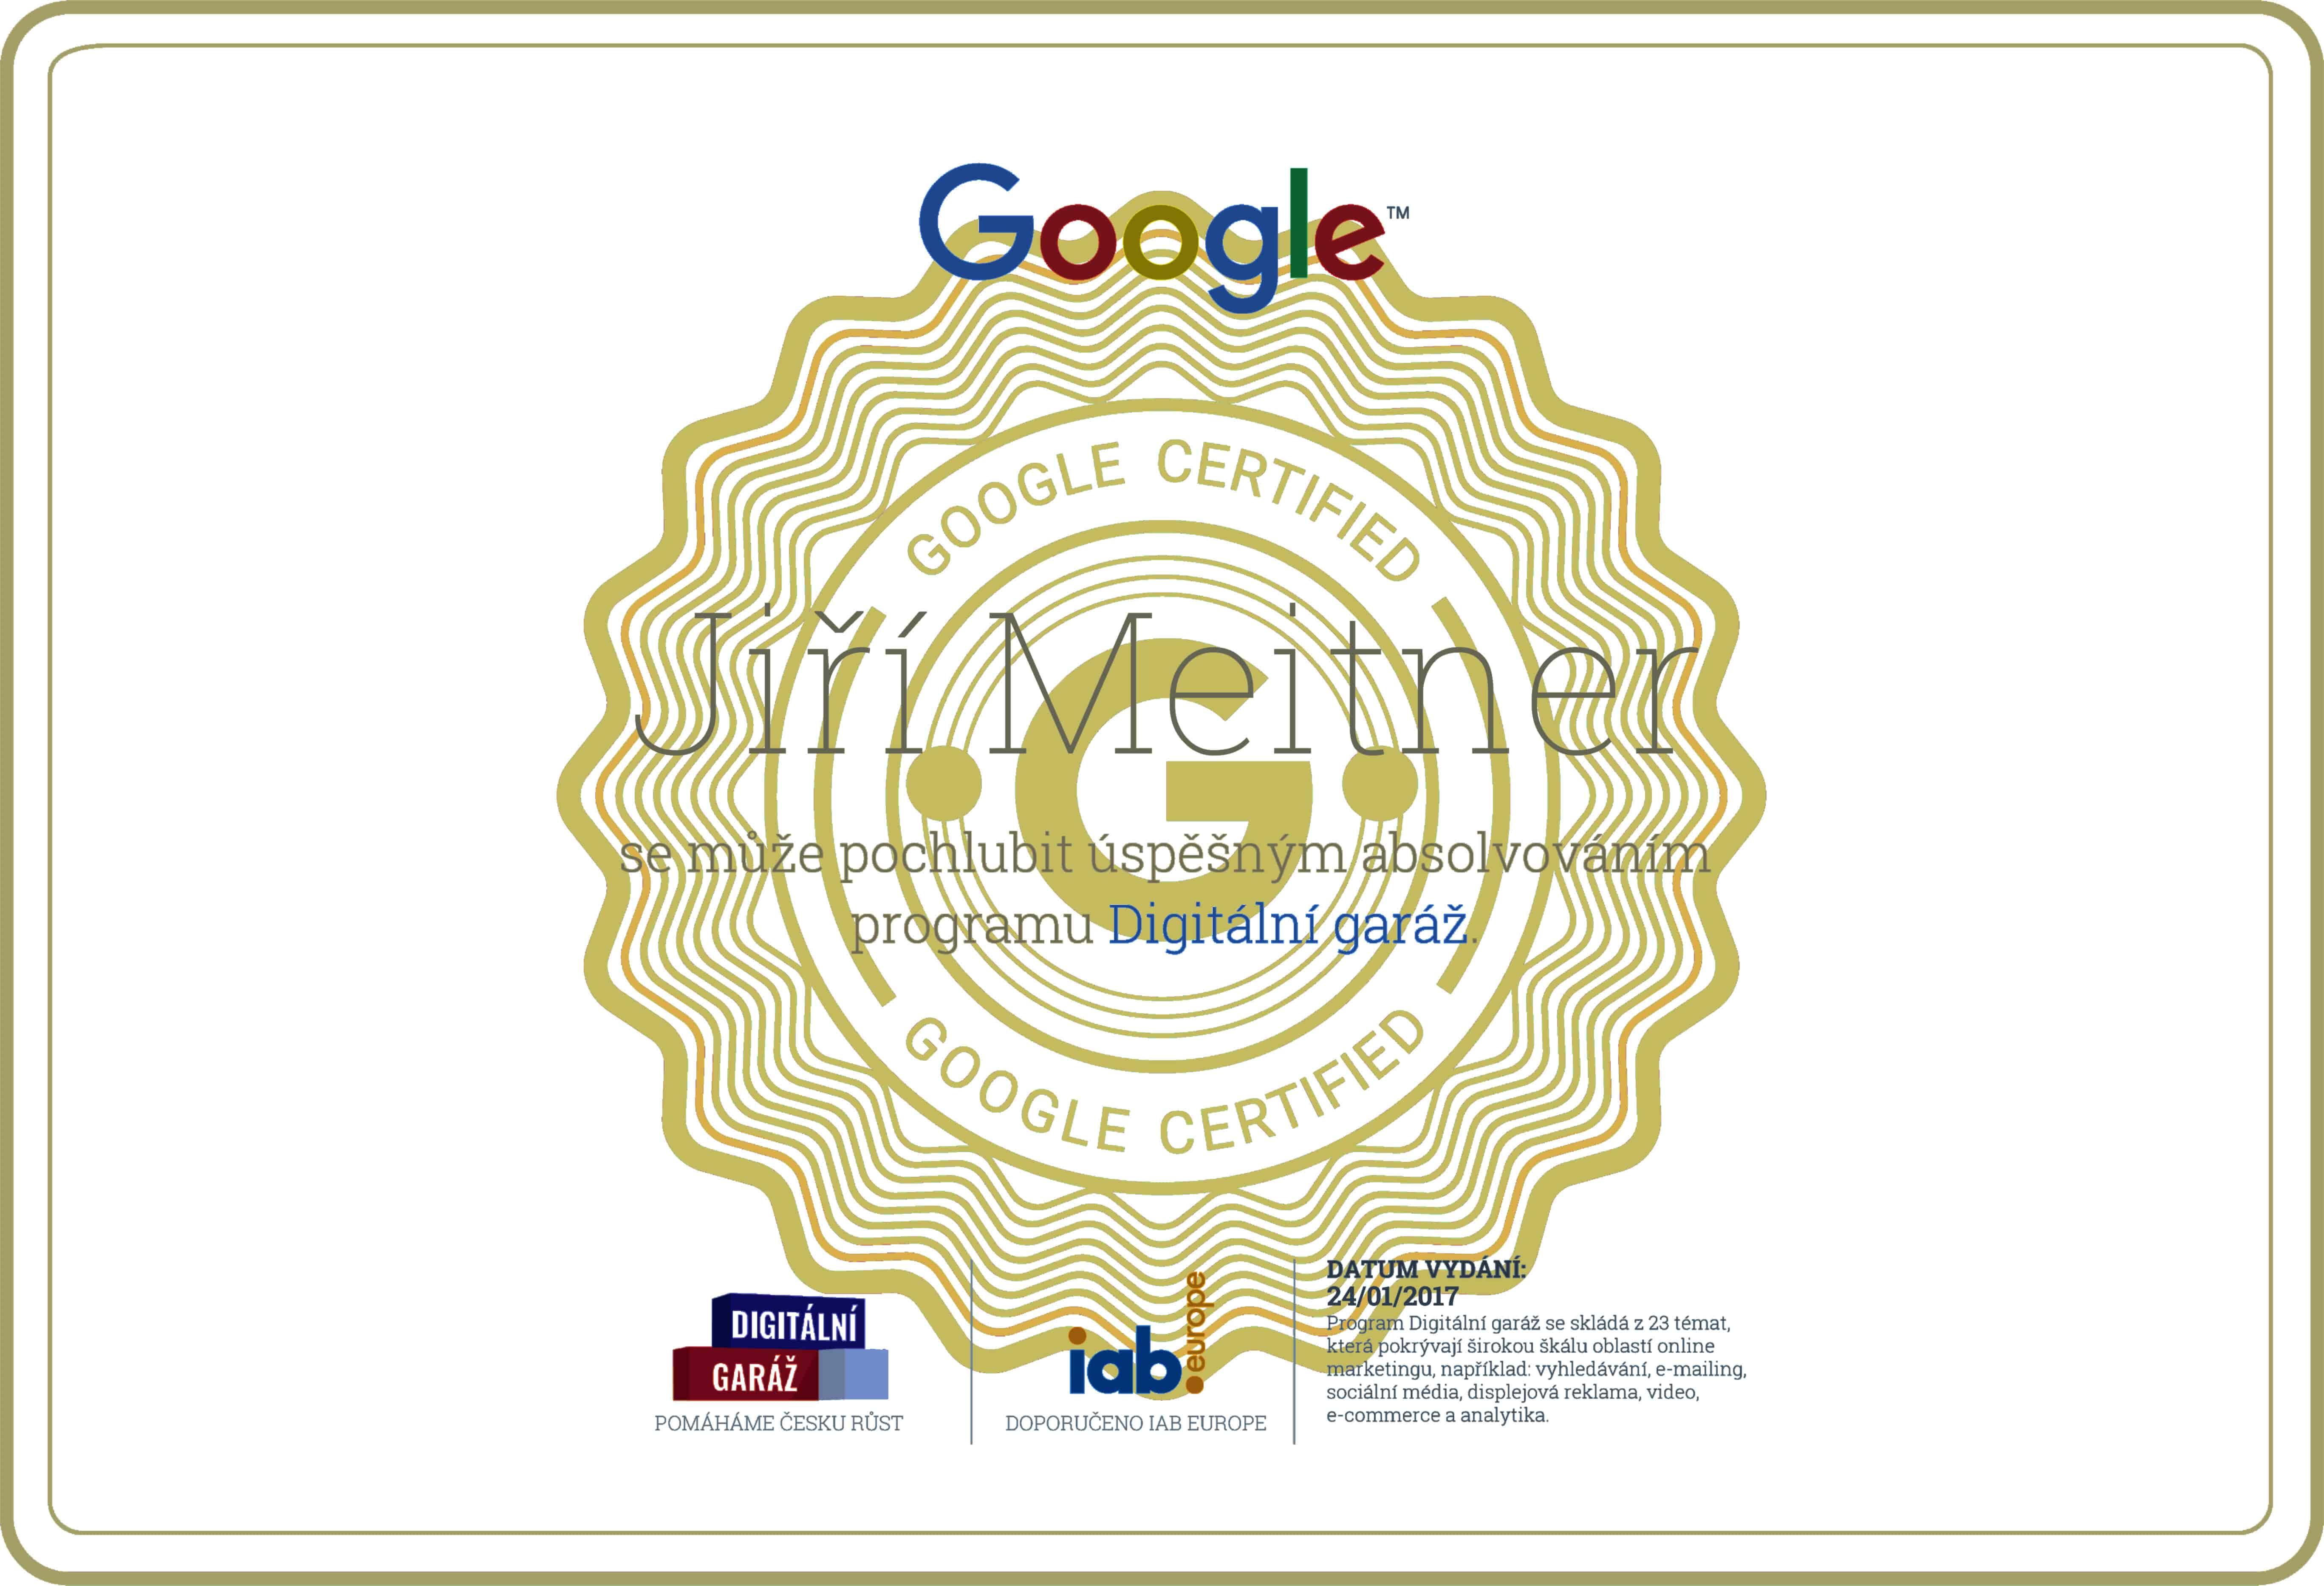 certifikát digitální garáž - Jiří Meitner